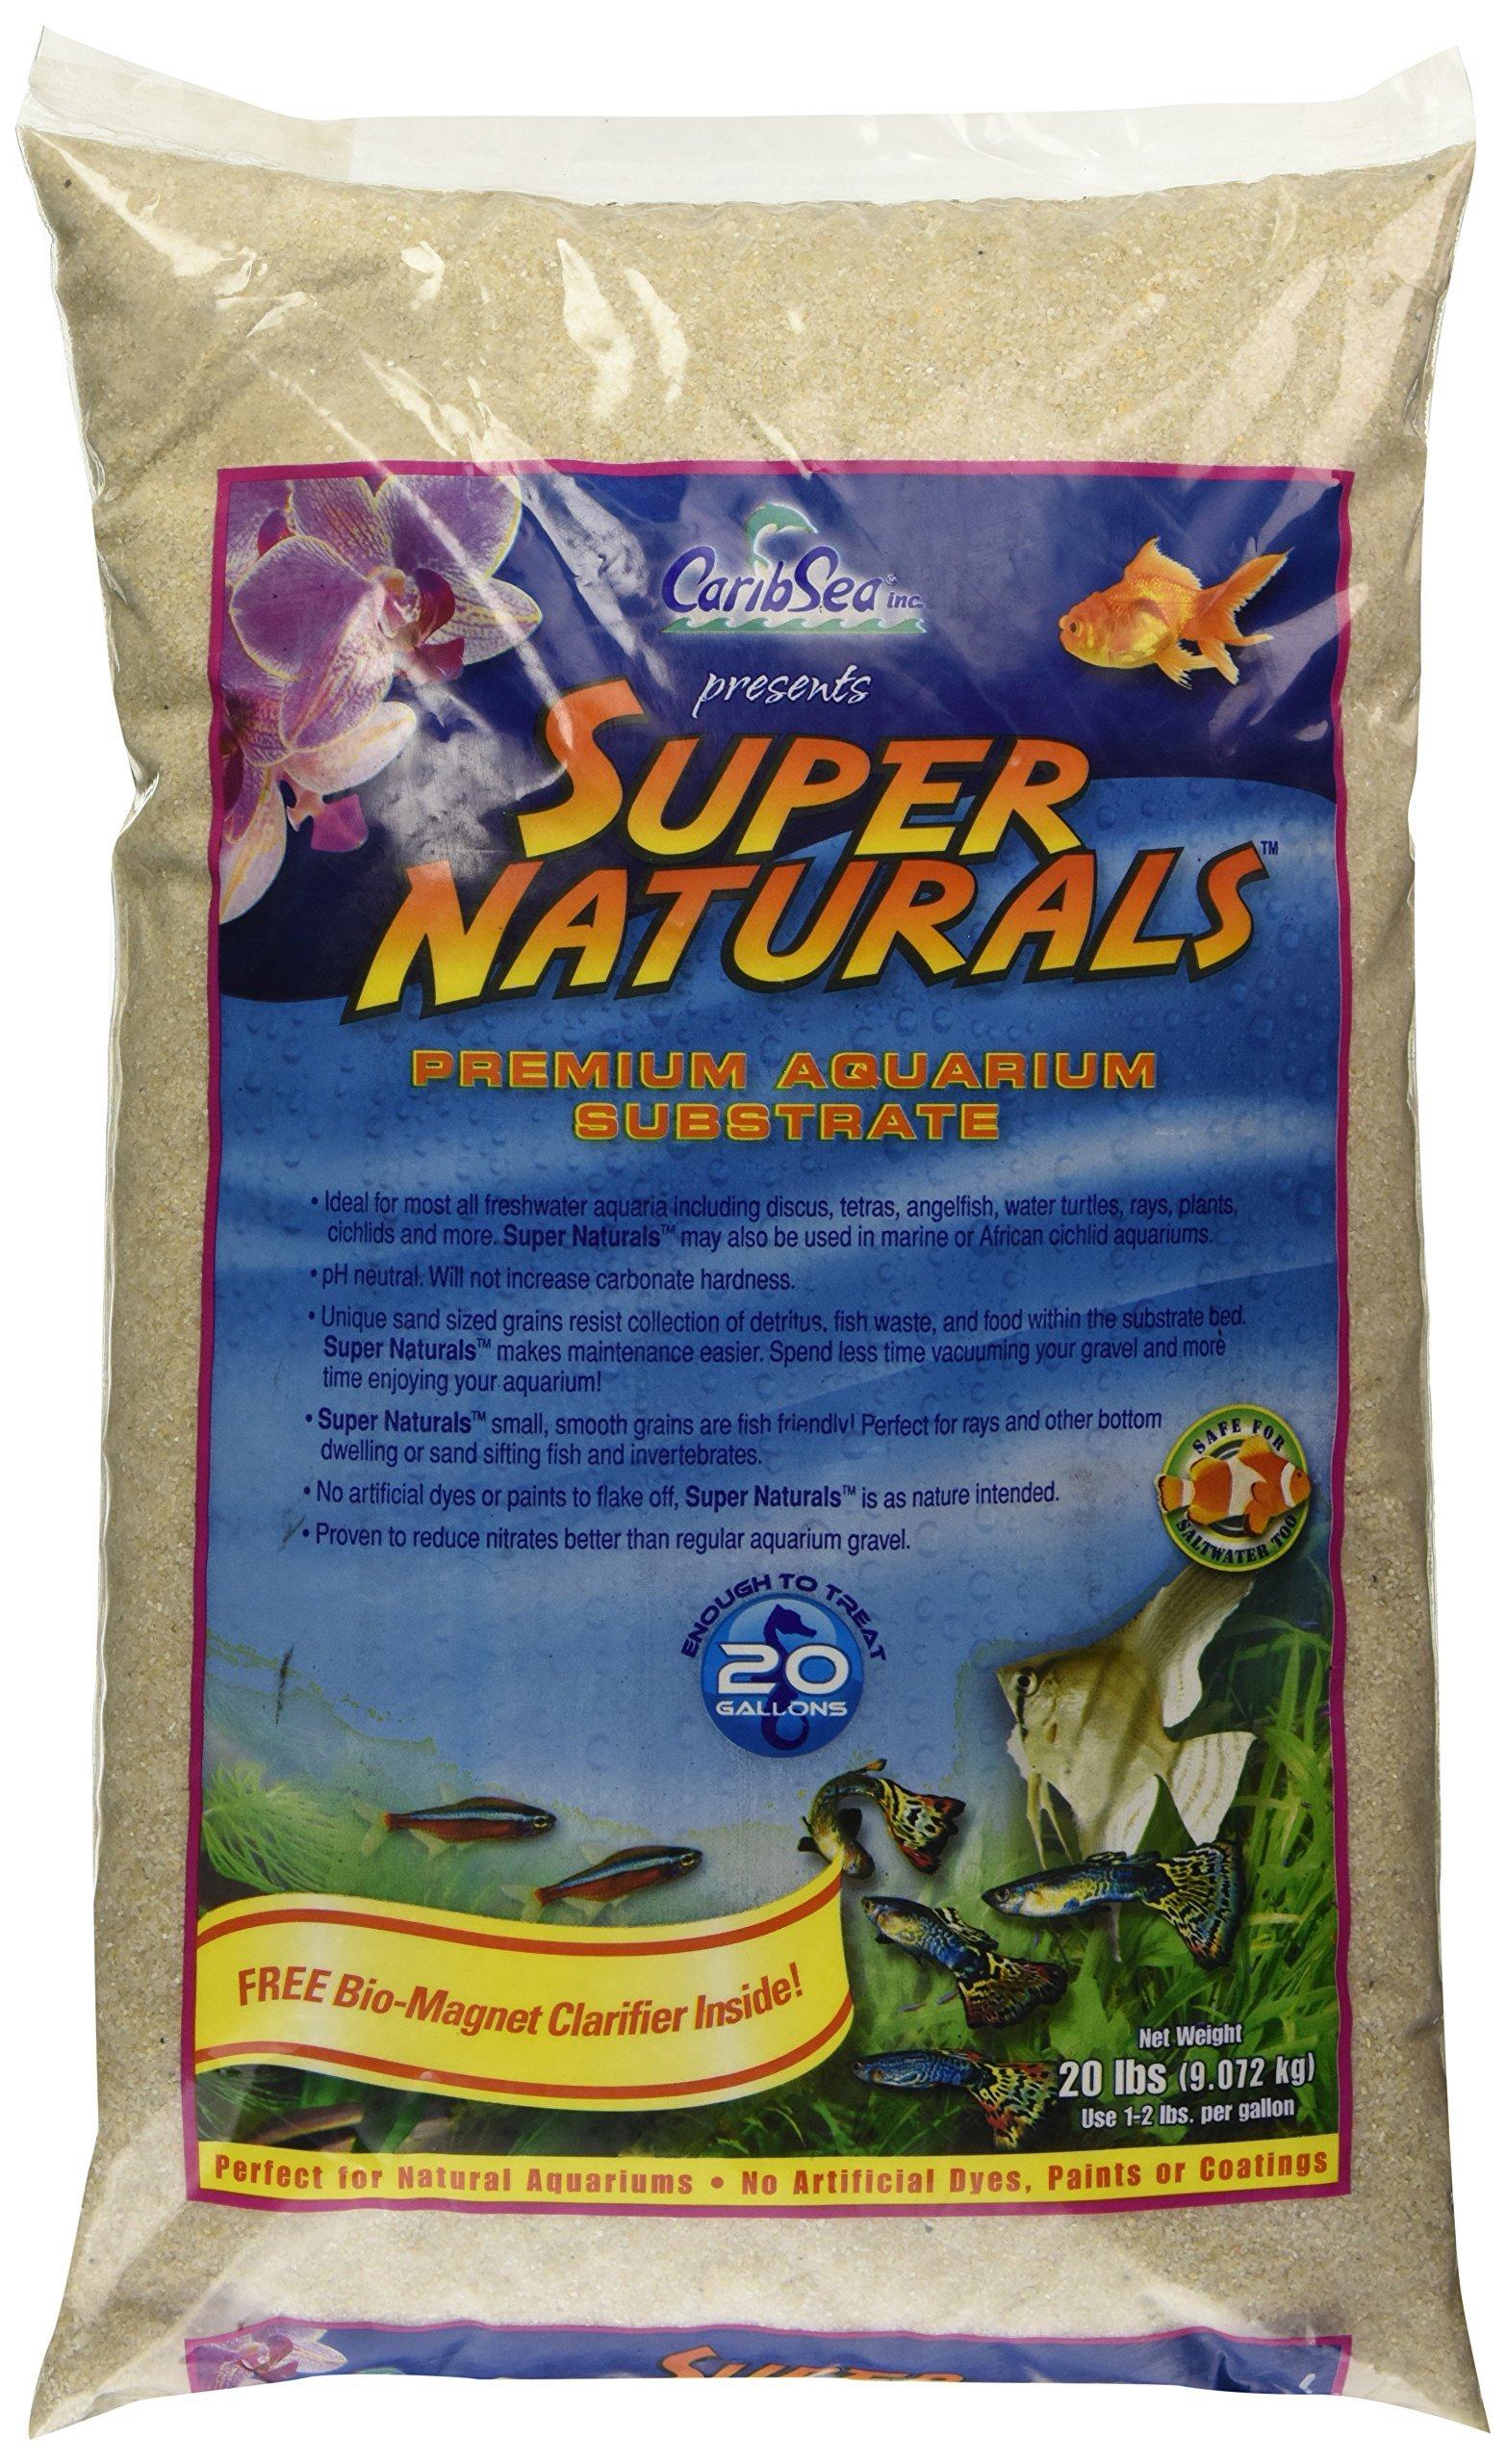 Caribsea Super Naturals Aquarium Sand, 20-Pound, Crystal River by CaribSea Aquatics